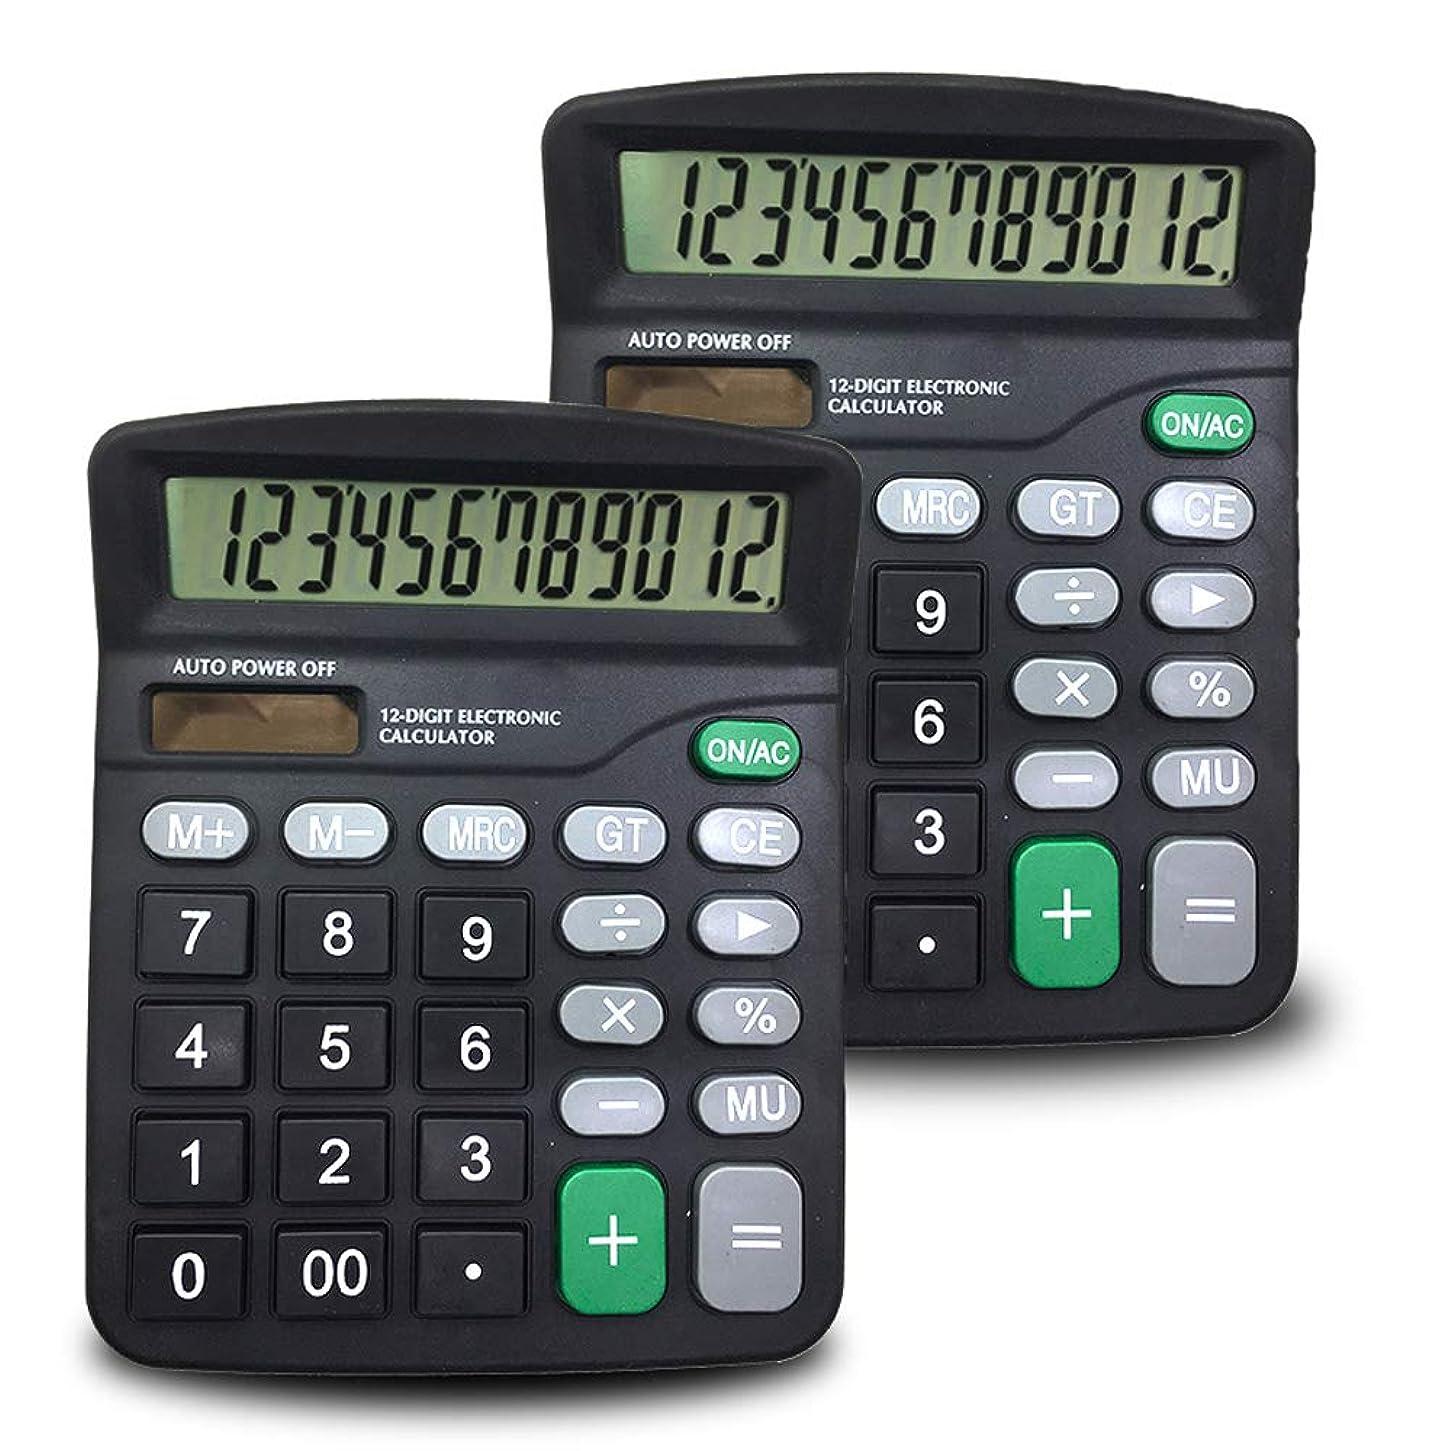 彼らの提供する稼ぐ12桁の標準デスクトップ電卓、DaKuanの基本的なハンドヘルド計算機、大型LCDディスプレイと大きなボタン、デュアルパワードオフィス電卓、ブラックの2パック